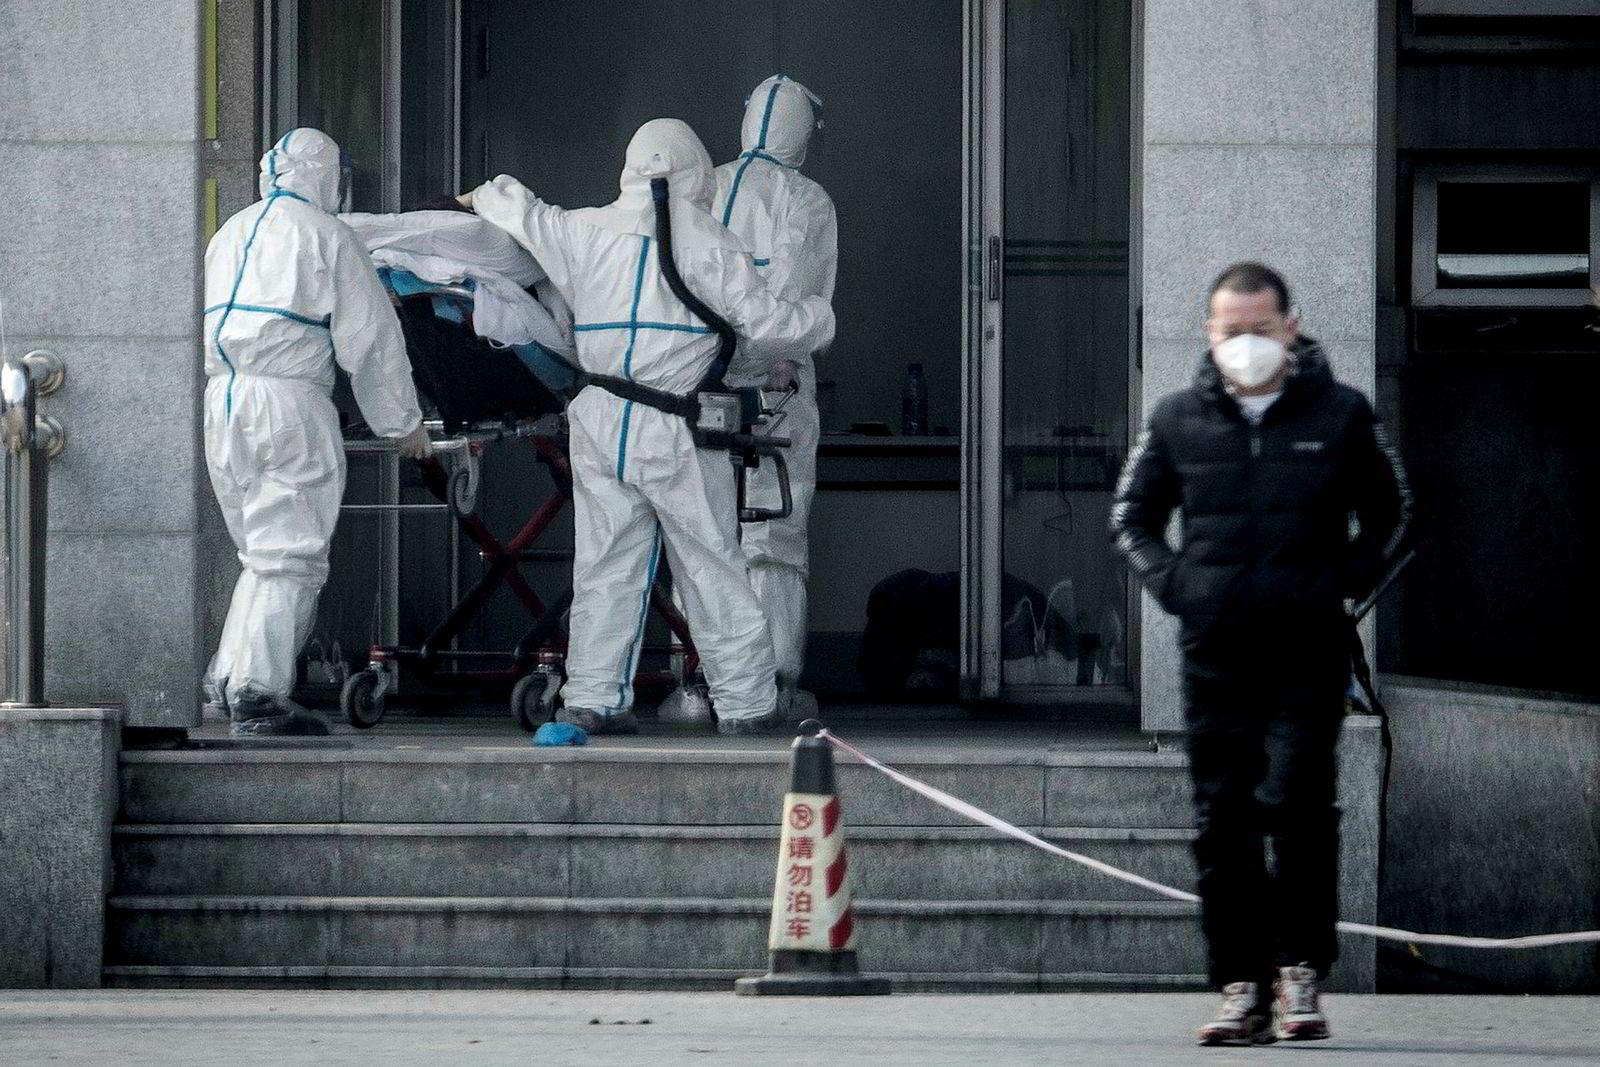 Et nytt virus som kan føre til alvorlig lungesykdom, smitter mellom mennesker, bekrefter kinesiske myndigheter. I løpet av 48 timer er antall bekreftede smittede tredoblet til over 220. Her fraktes en pasient inn til Jinyintan-sykehuset i Wuhan i Kina.